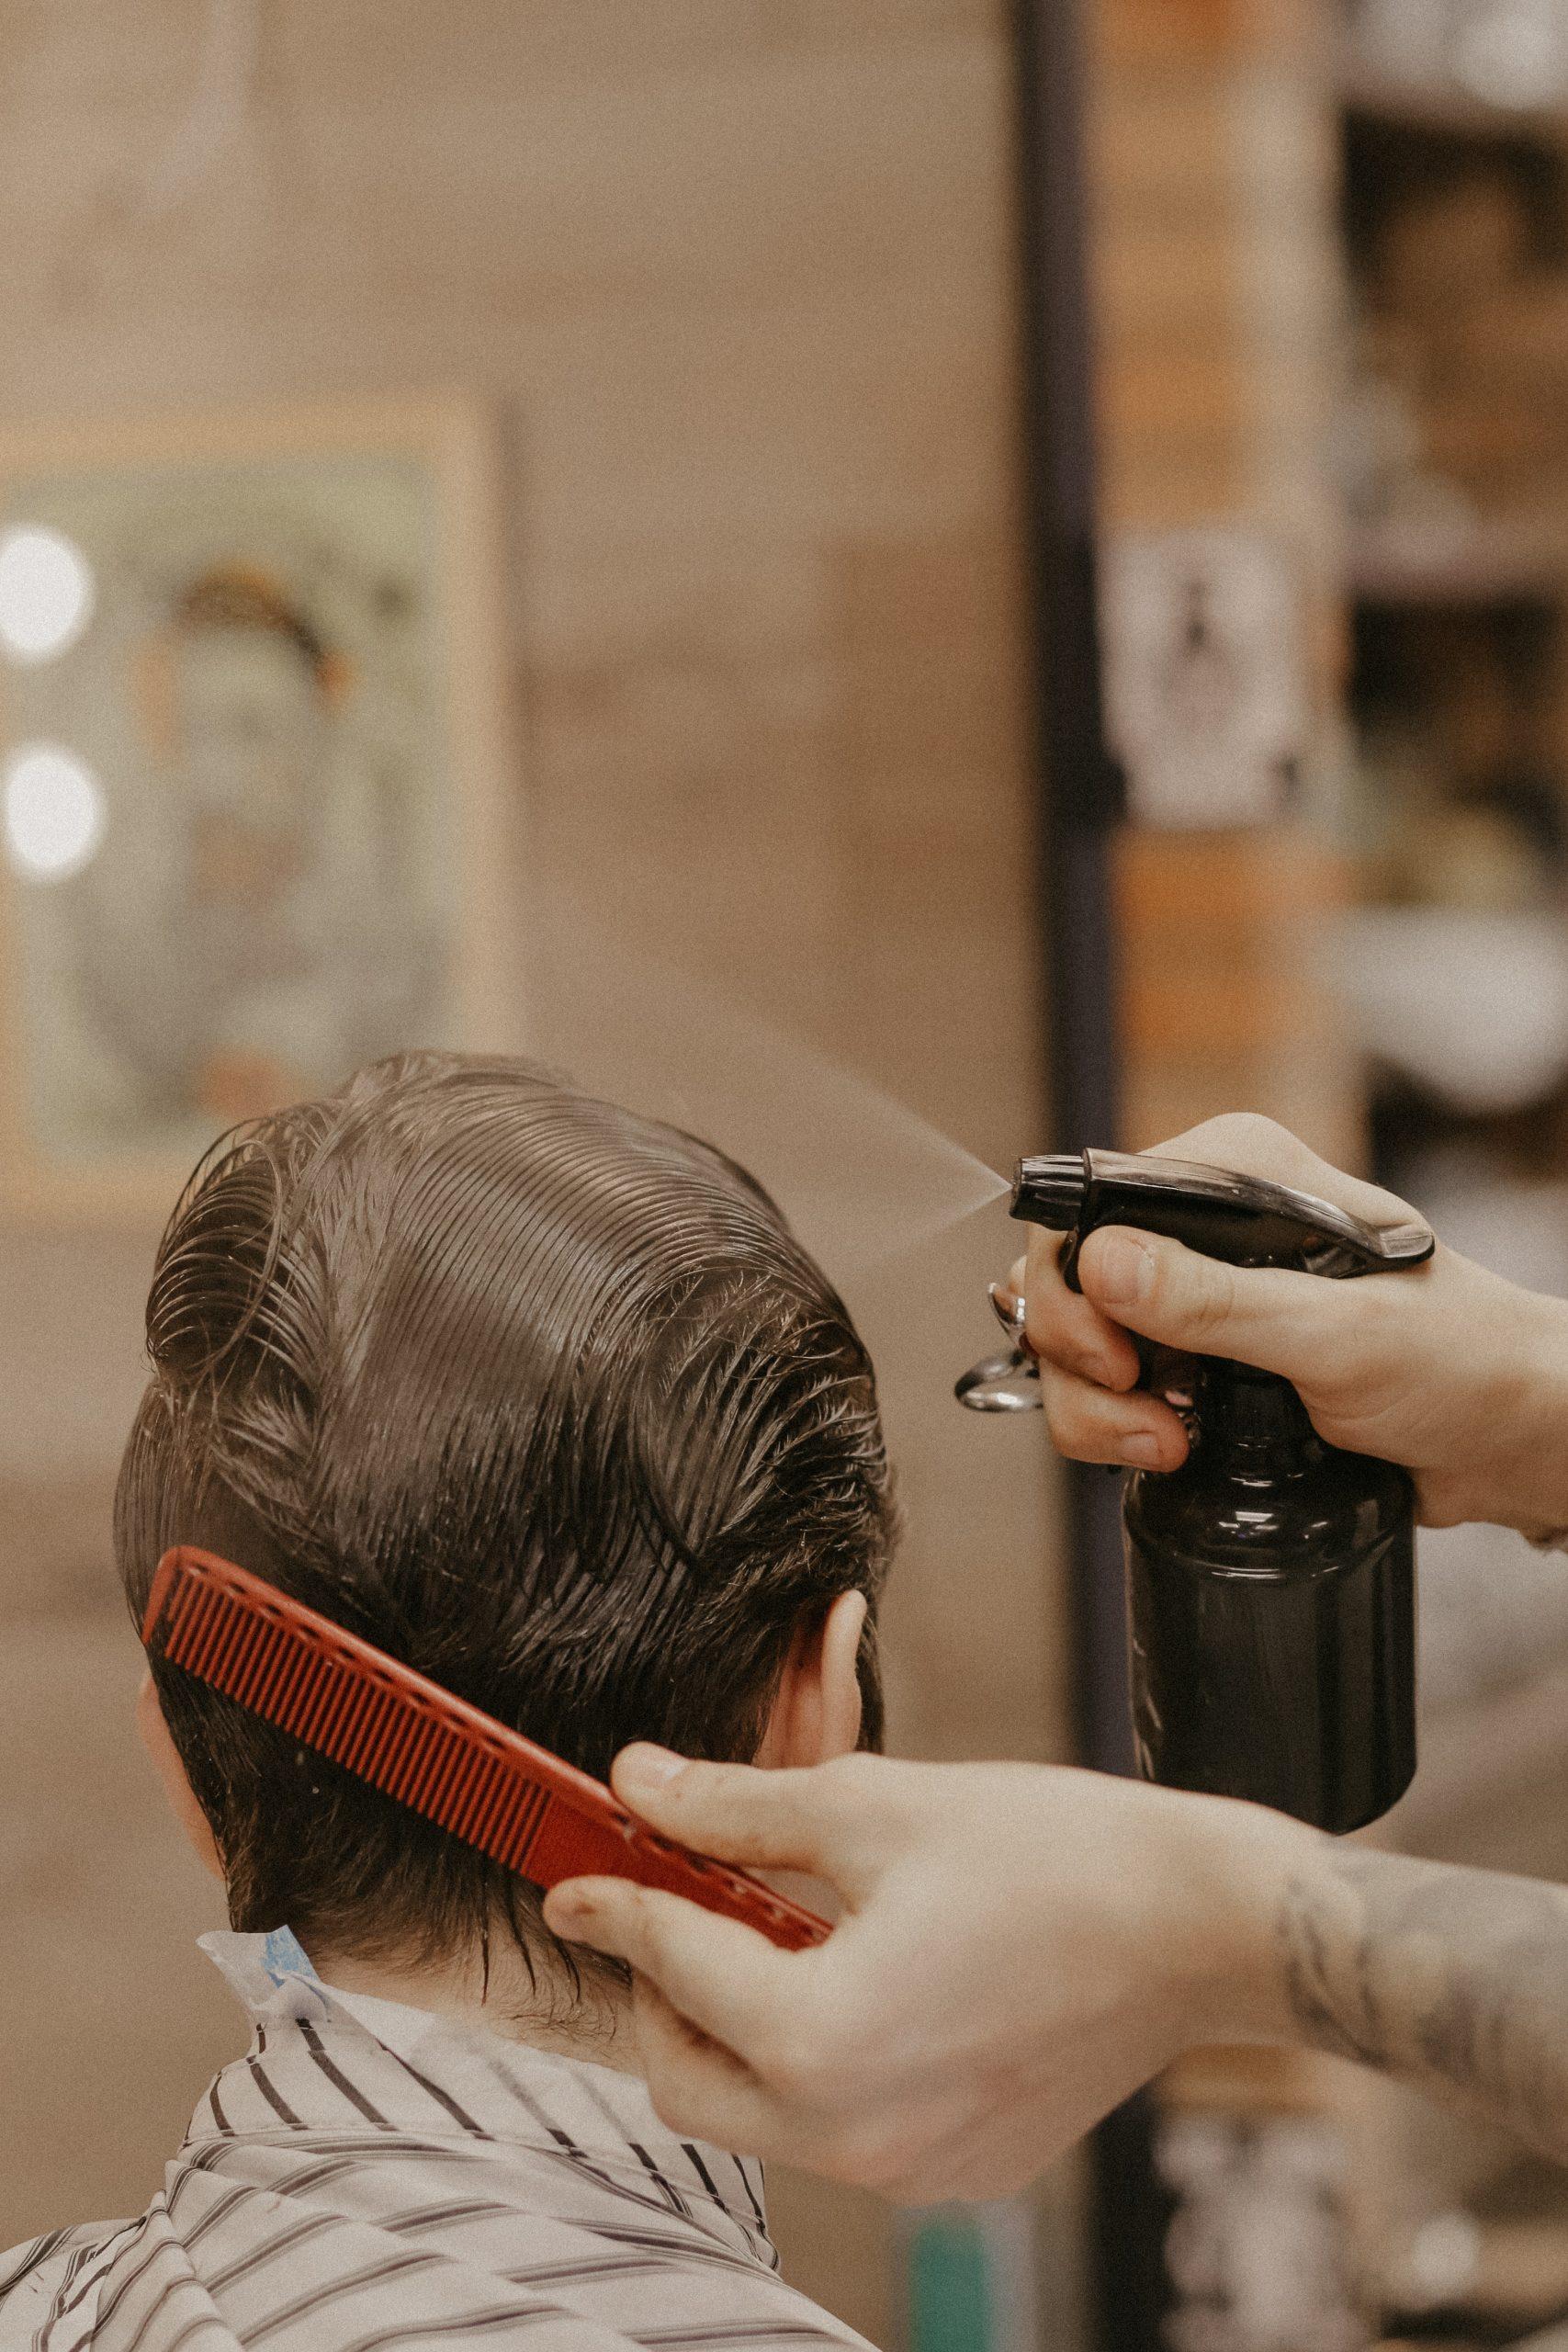 Šampon Alpecin: Skutečně pomůže při vypadávání vlasů?